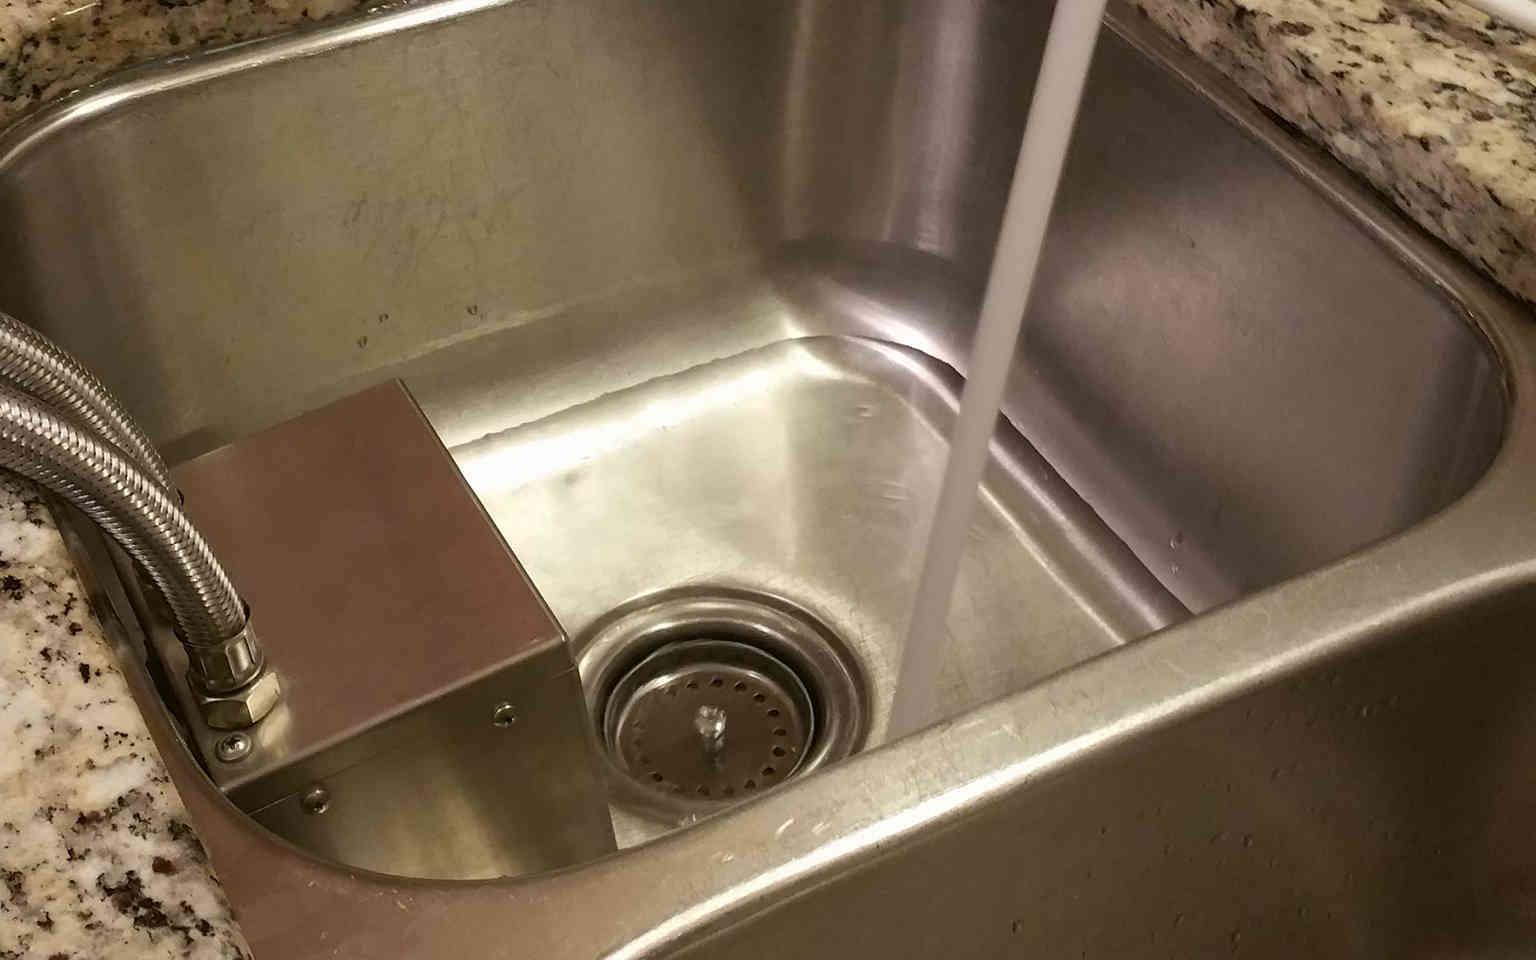 Portable Nanobubble Hydrotherapy - Sink View 1